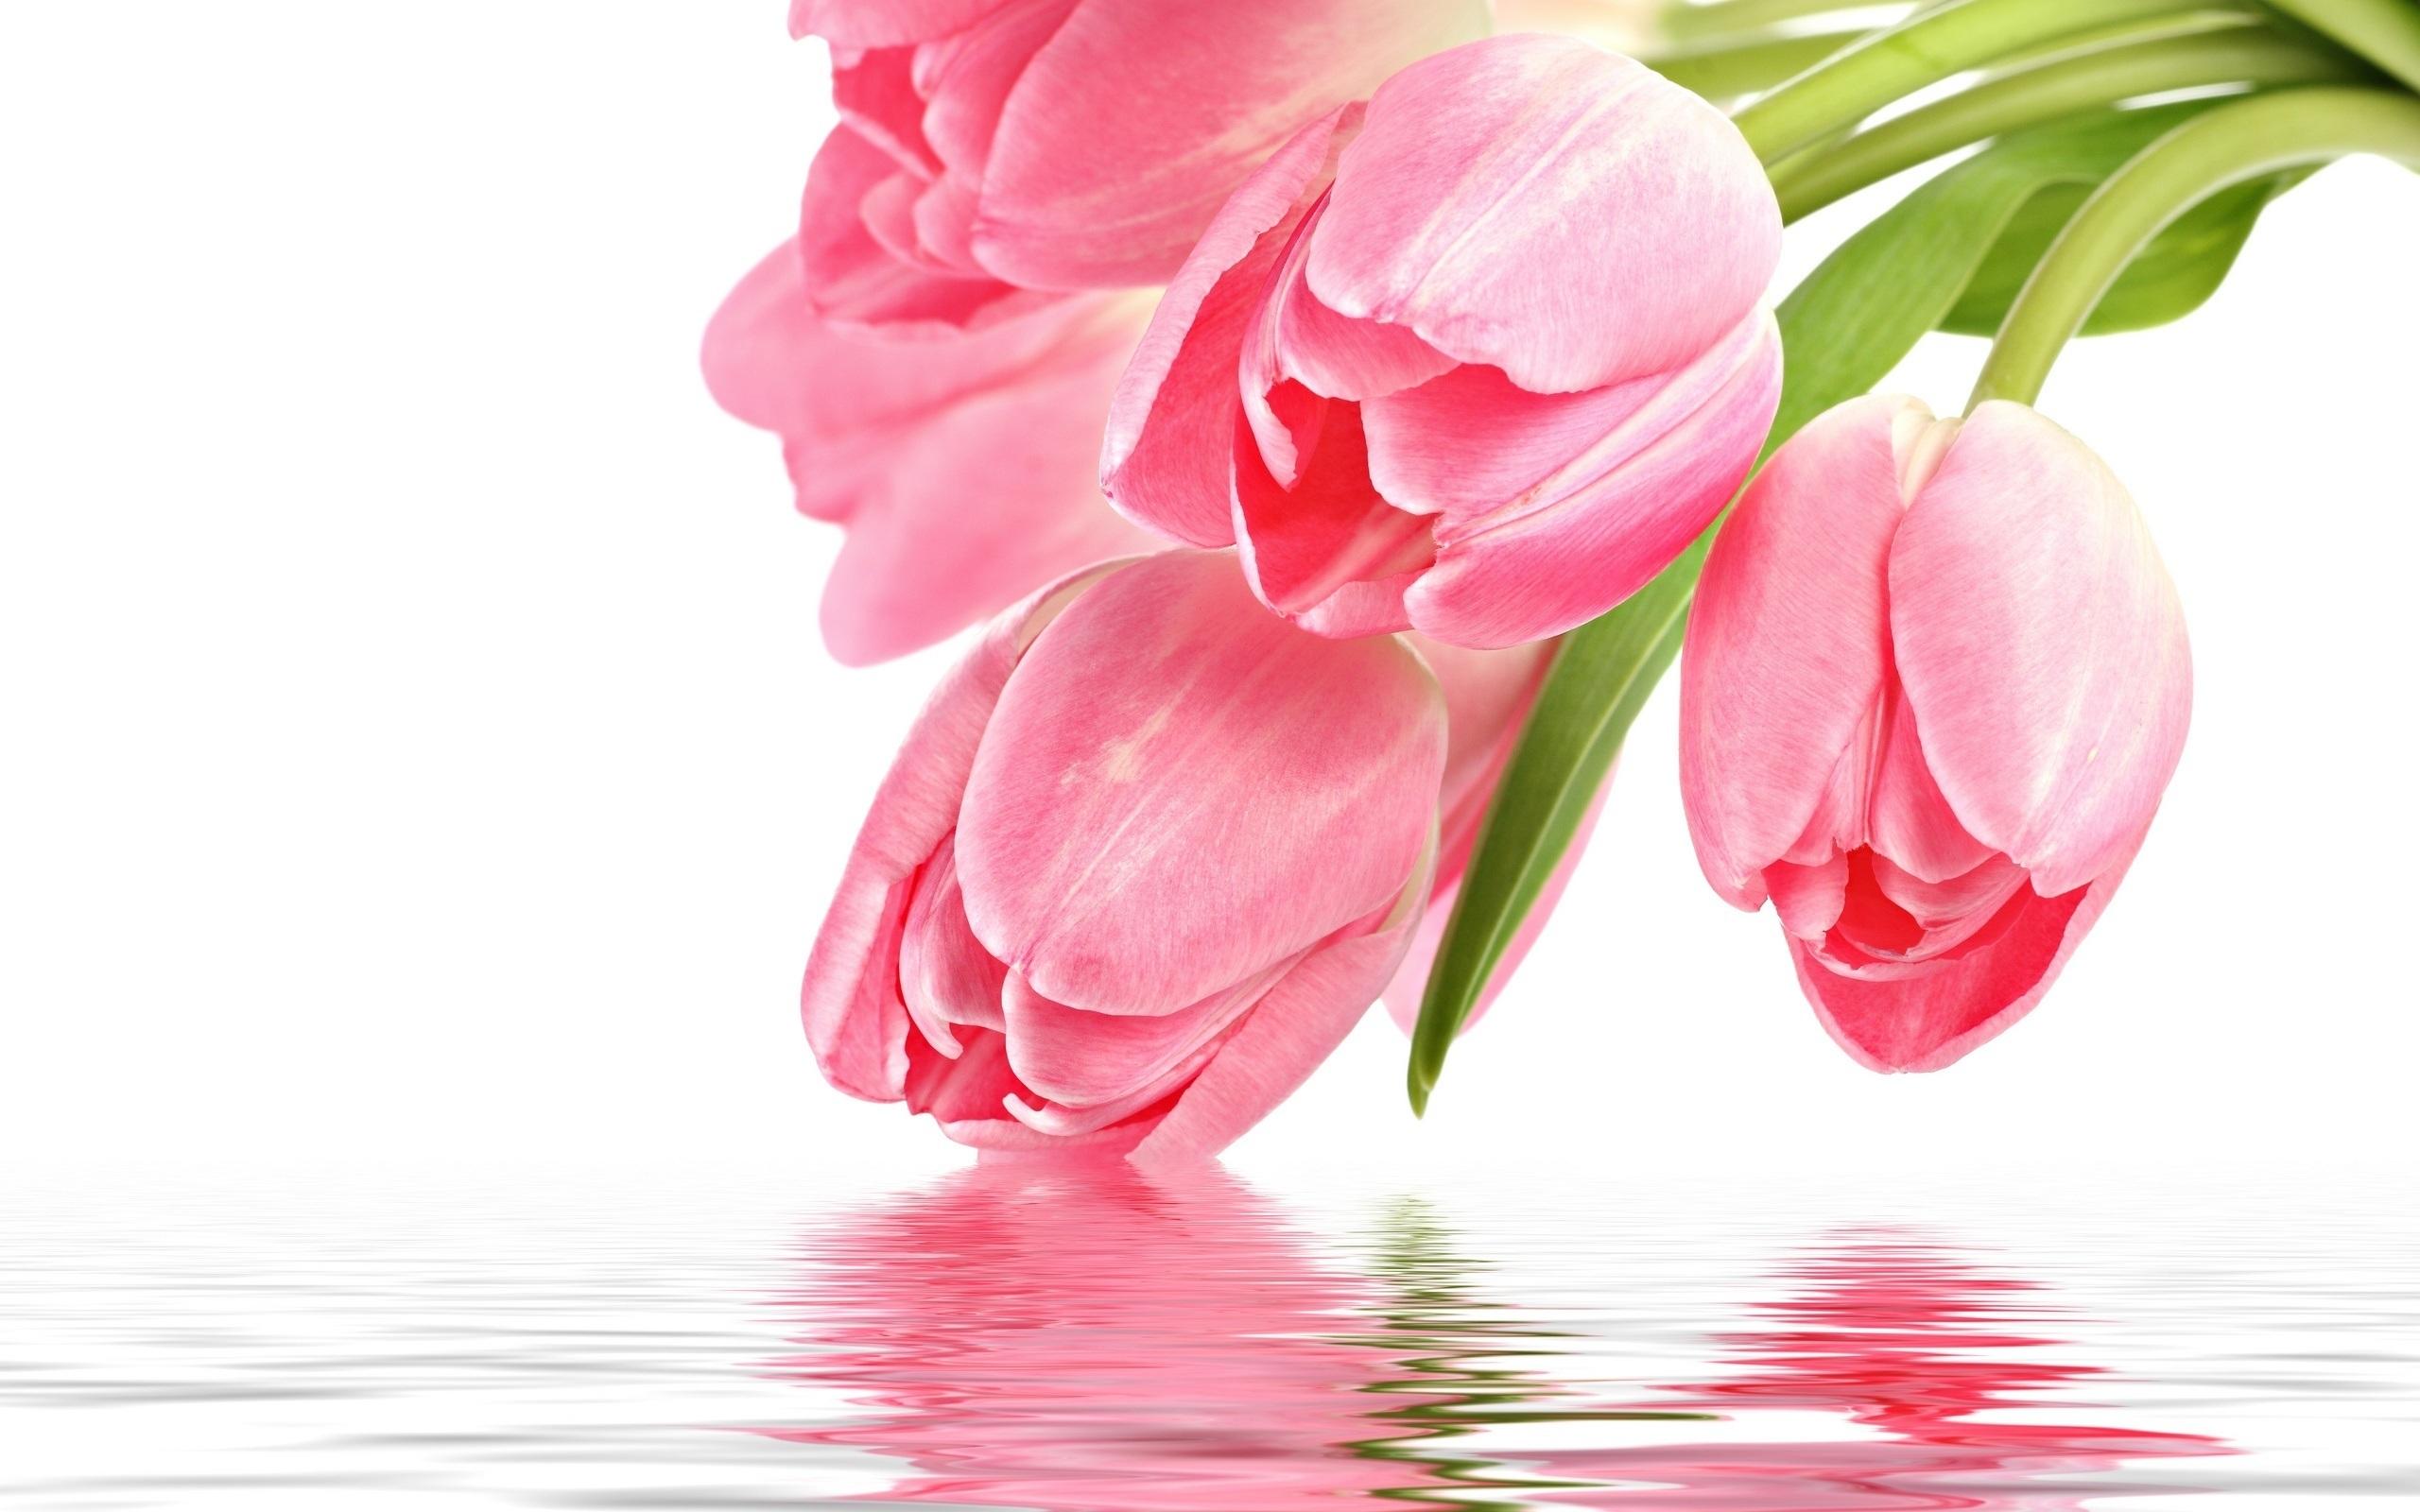 Открытки цветы с текстом, открытки